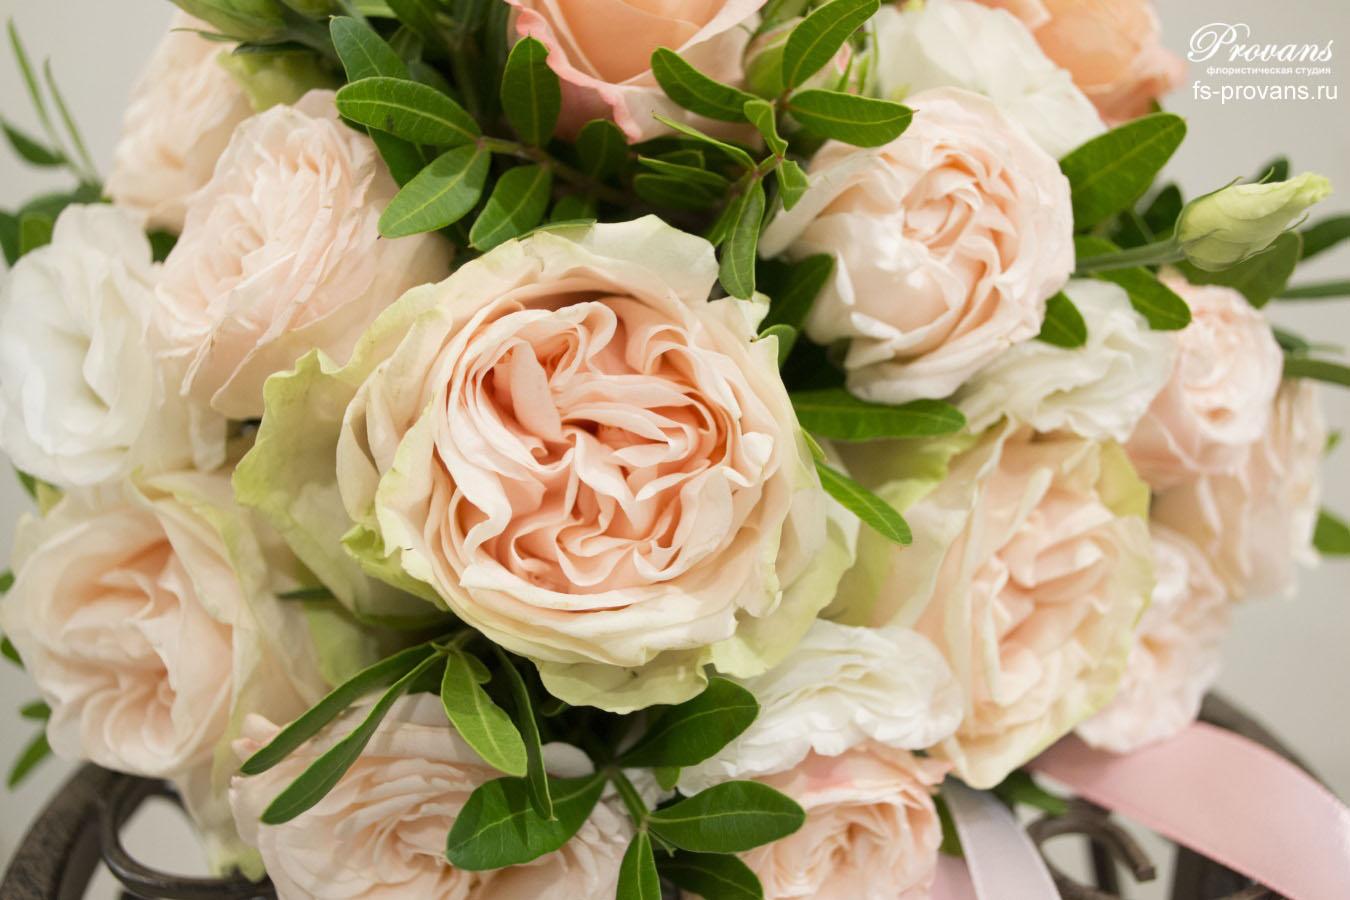 Свадебный букет. Пионовидная роза, эустома